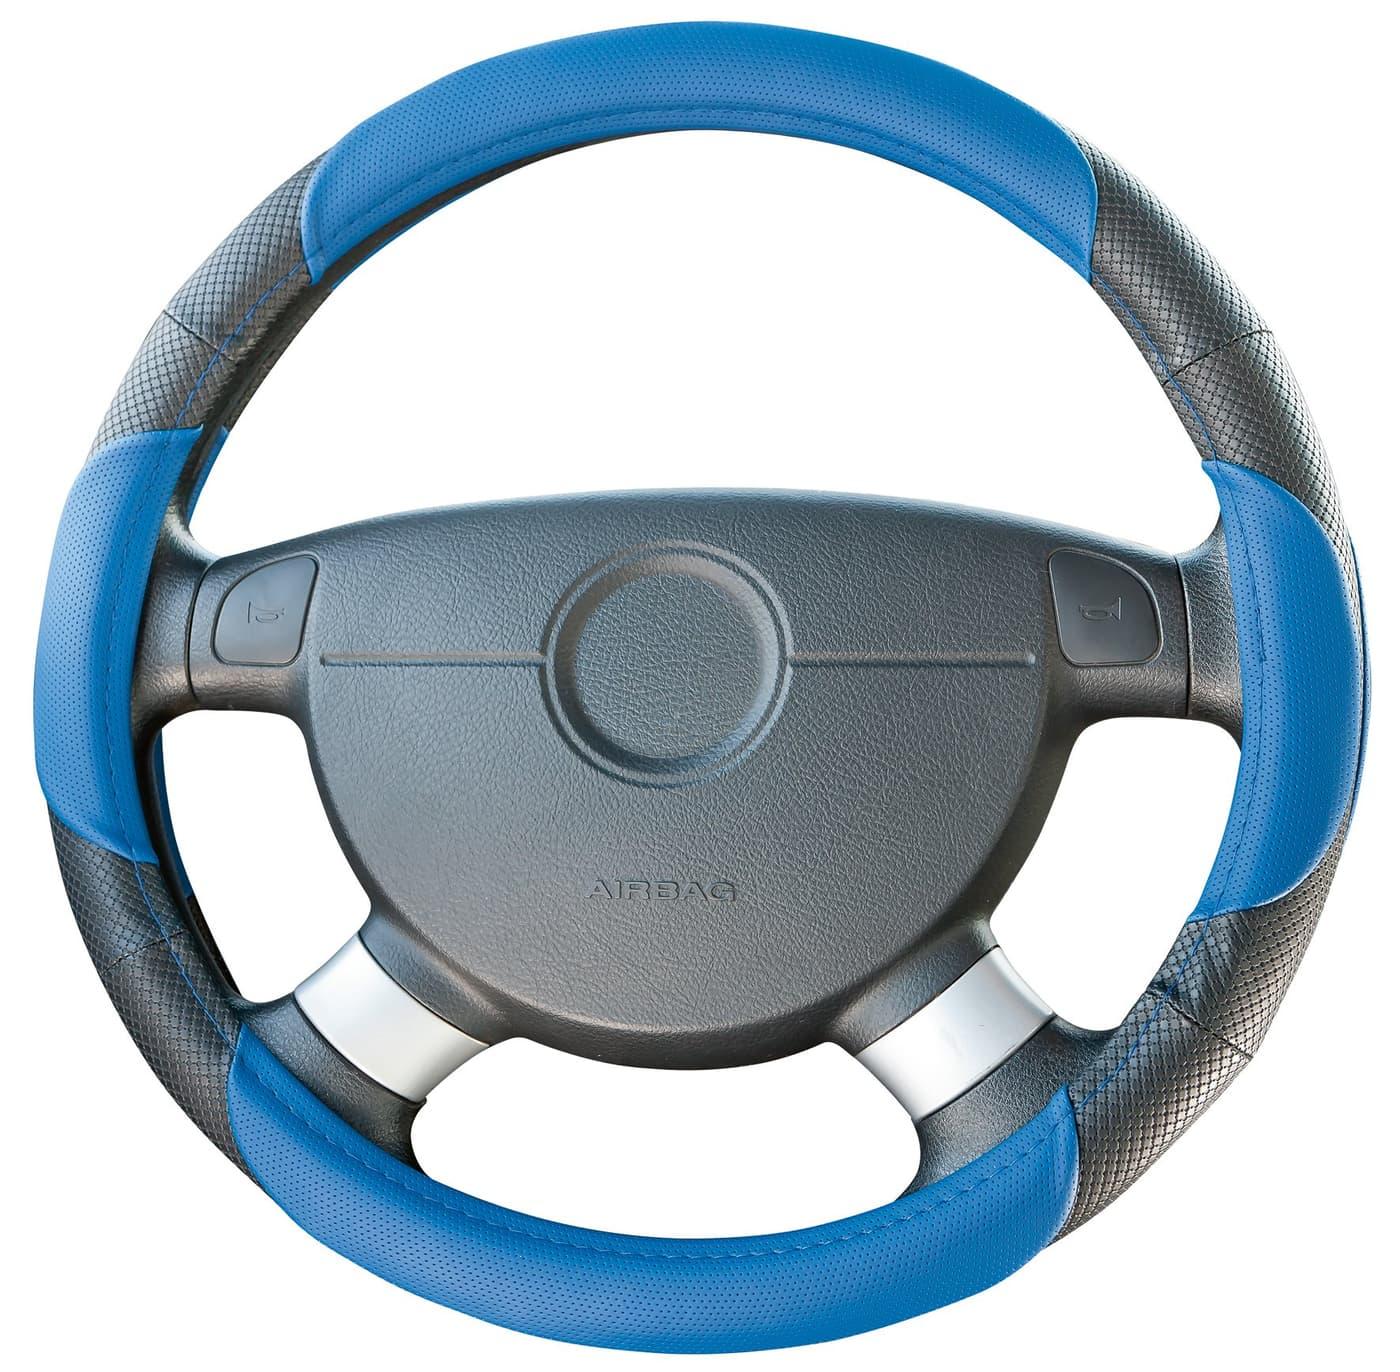 Miocar housse volant sport bleu migros for Housse de volant chauffante